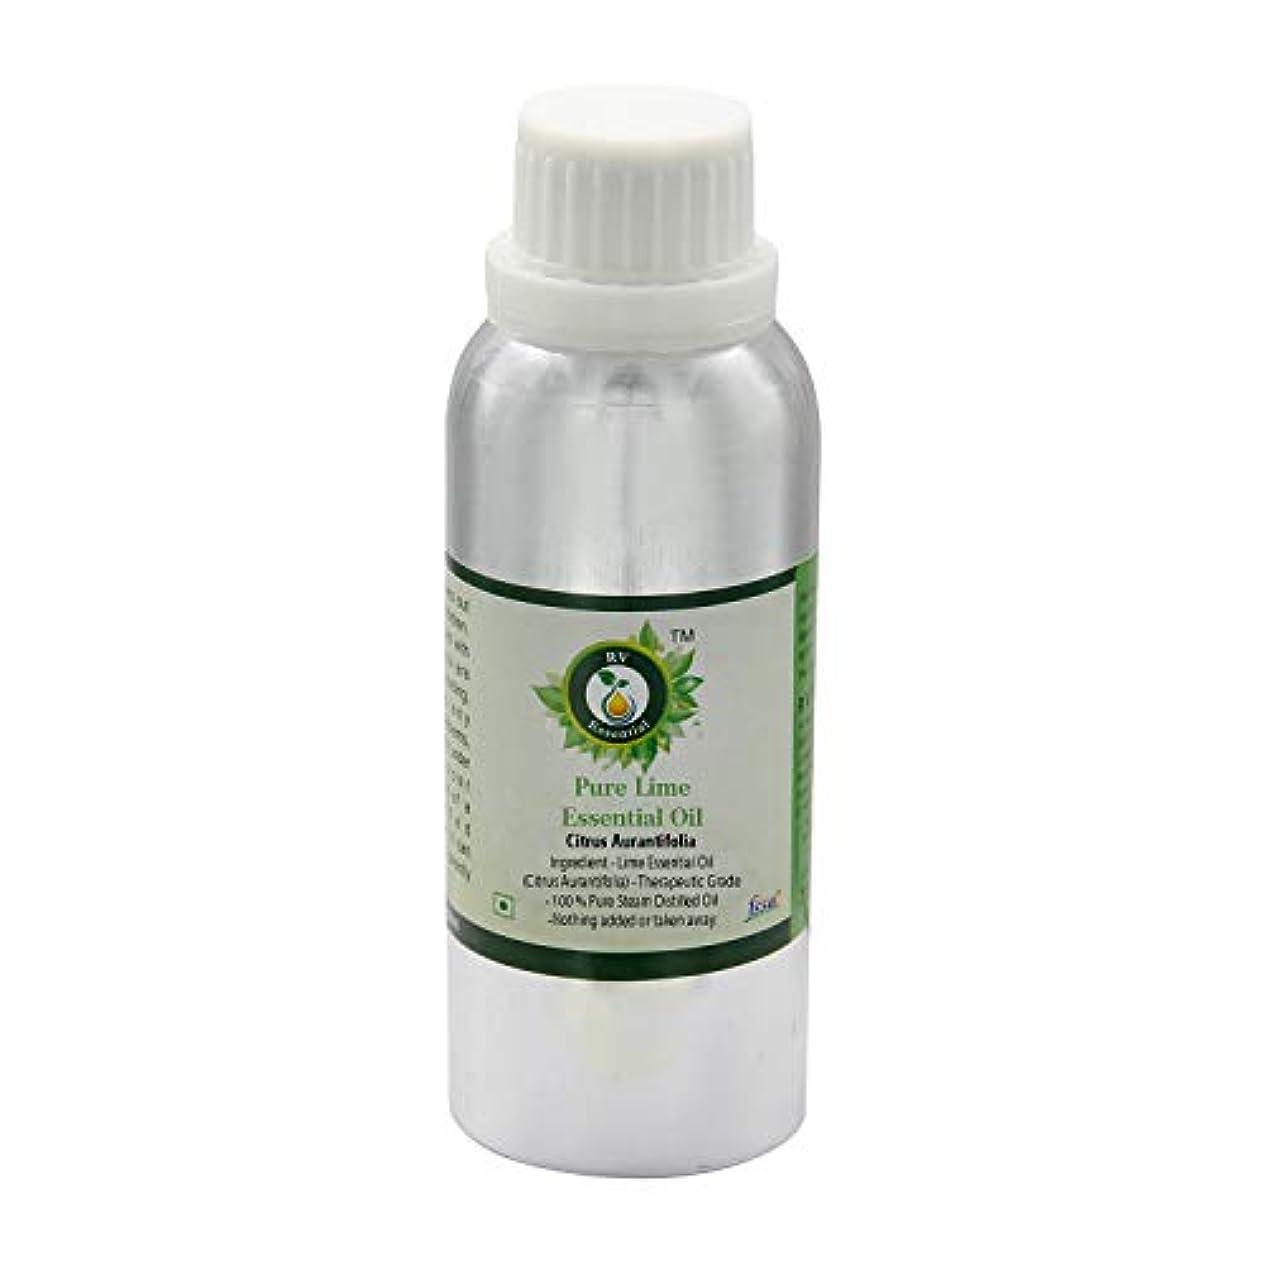 吸い込む自転車組ピュアライムエッセンシャルオイル630ml (21oz)- Citrus Aurantifolia (100%純粋&天然スチームDistilled) Pure Lime Essential Oil